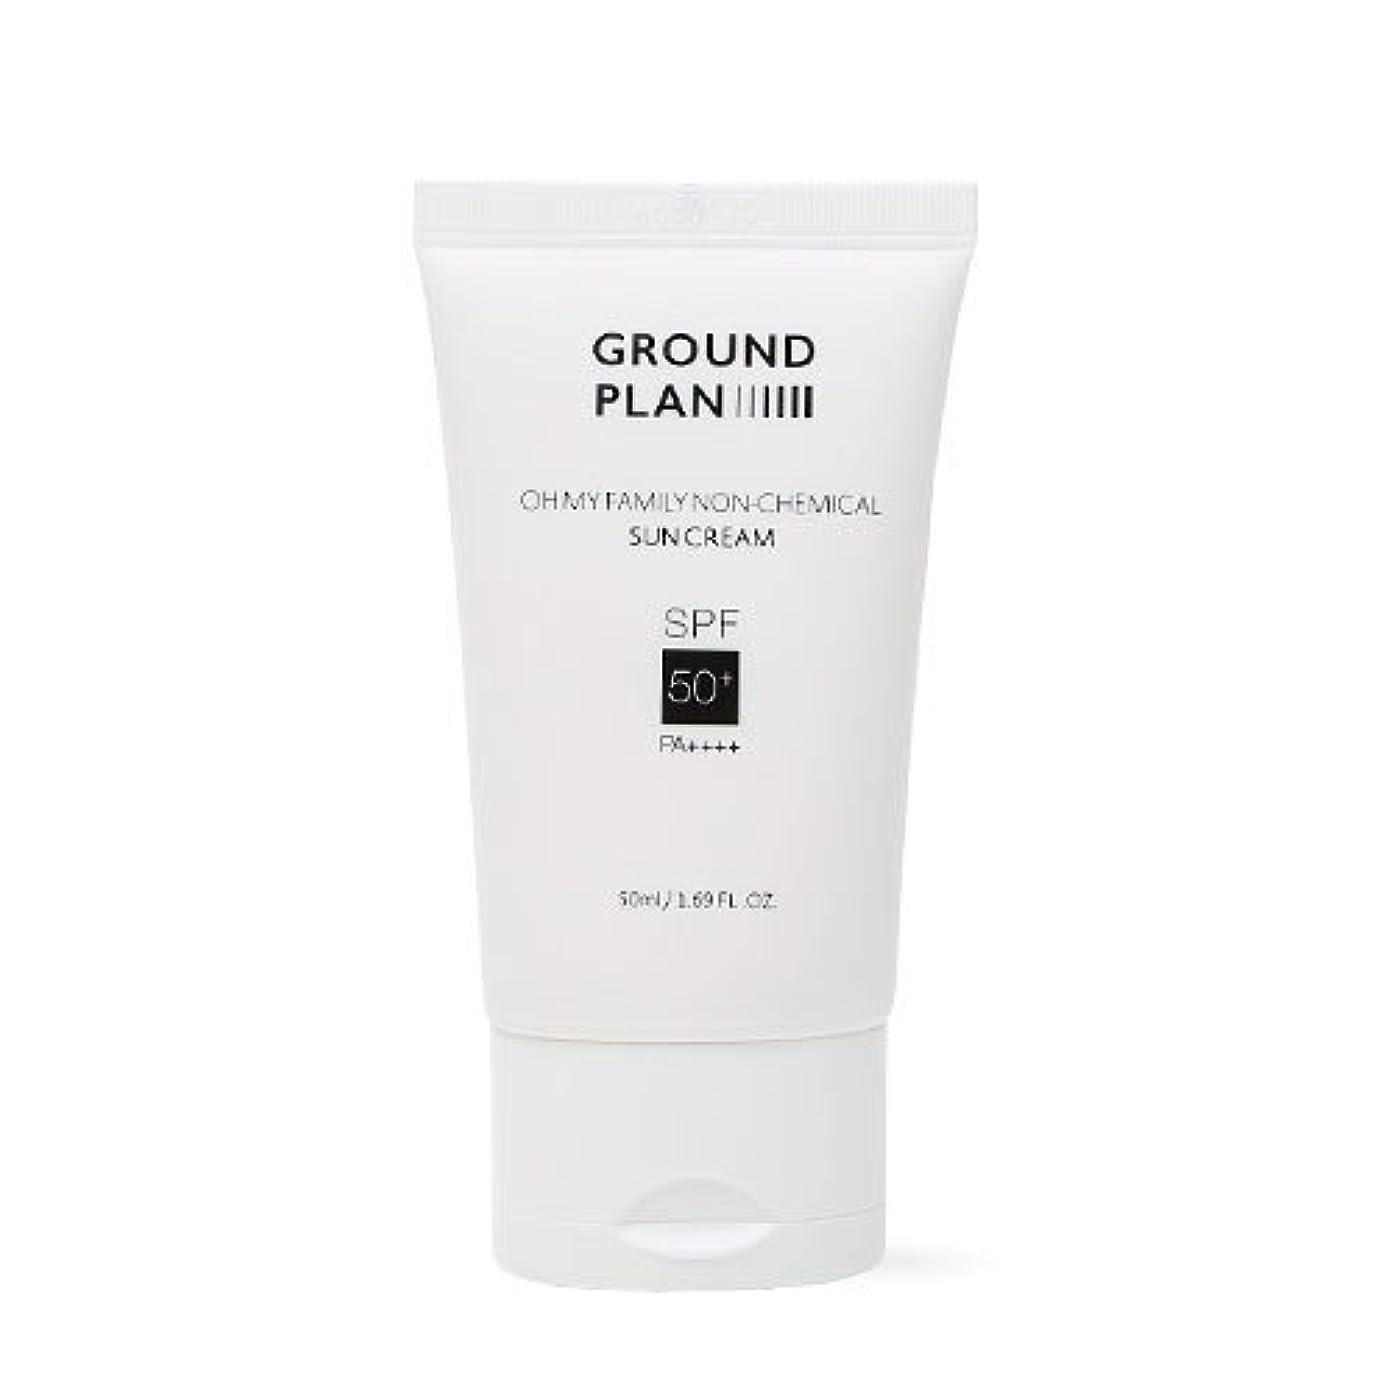 生き物物思いにふける小屋[GROUND PLAN] Oh My Family Non-Chemical Sun Cream 50ml グラウンドプランファミリーノンケミカルサンクリーム [並行輸入品]